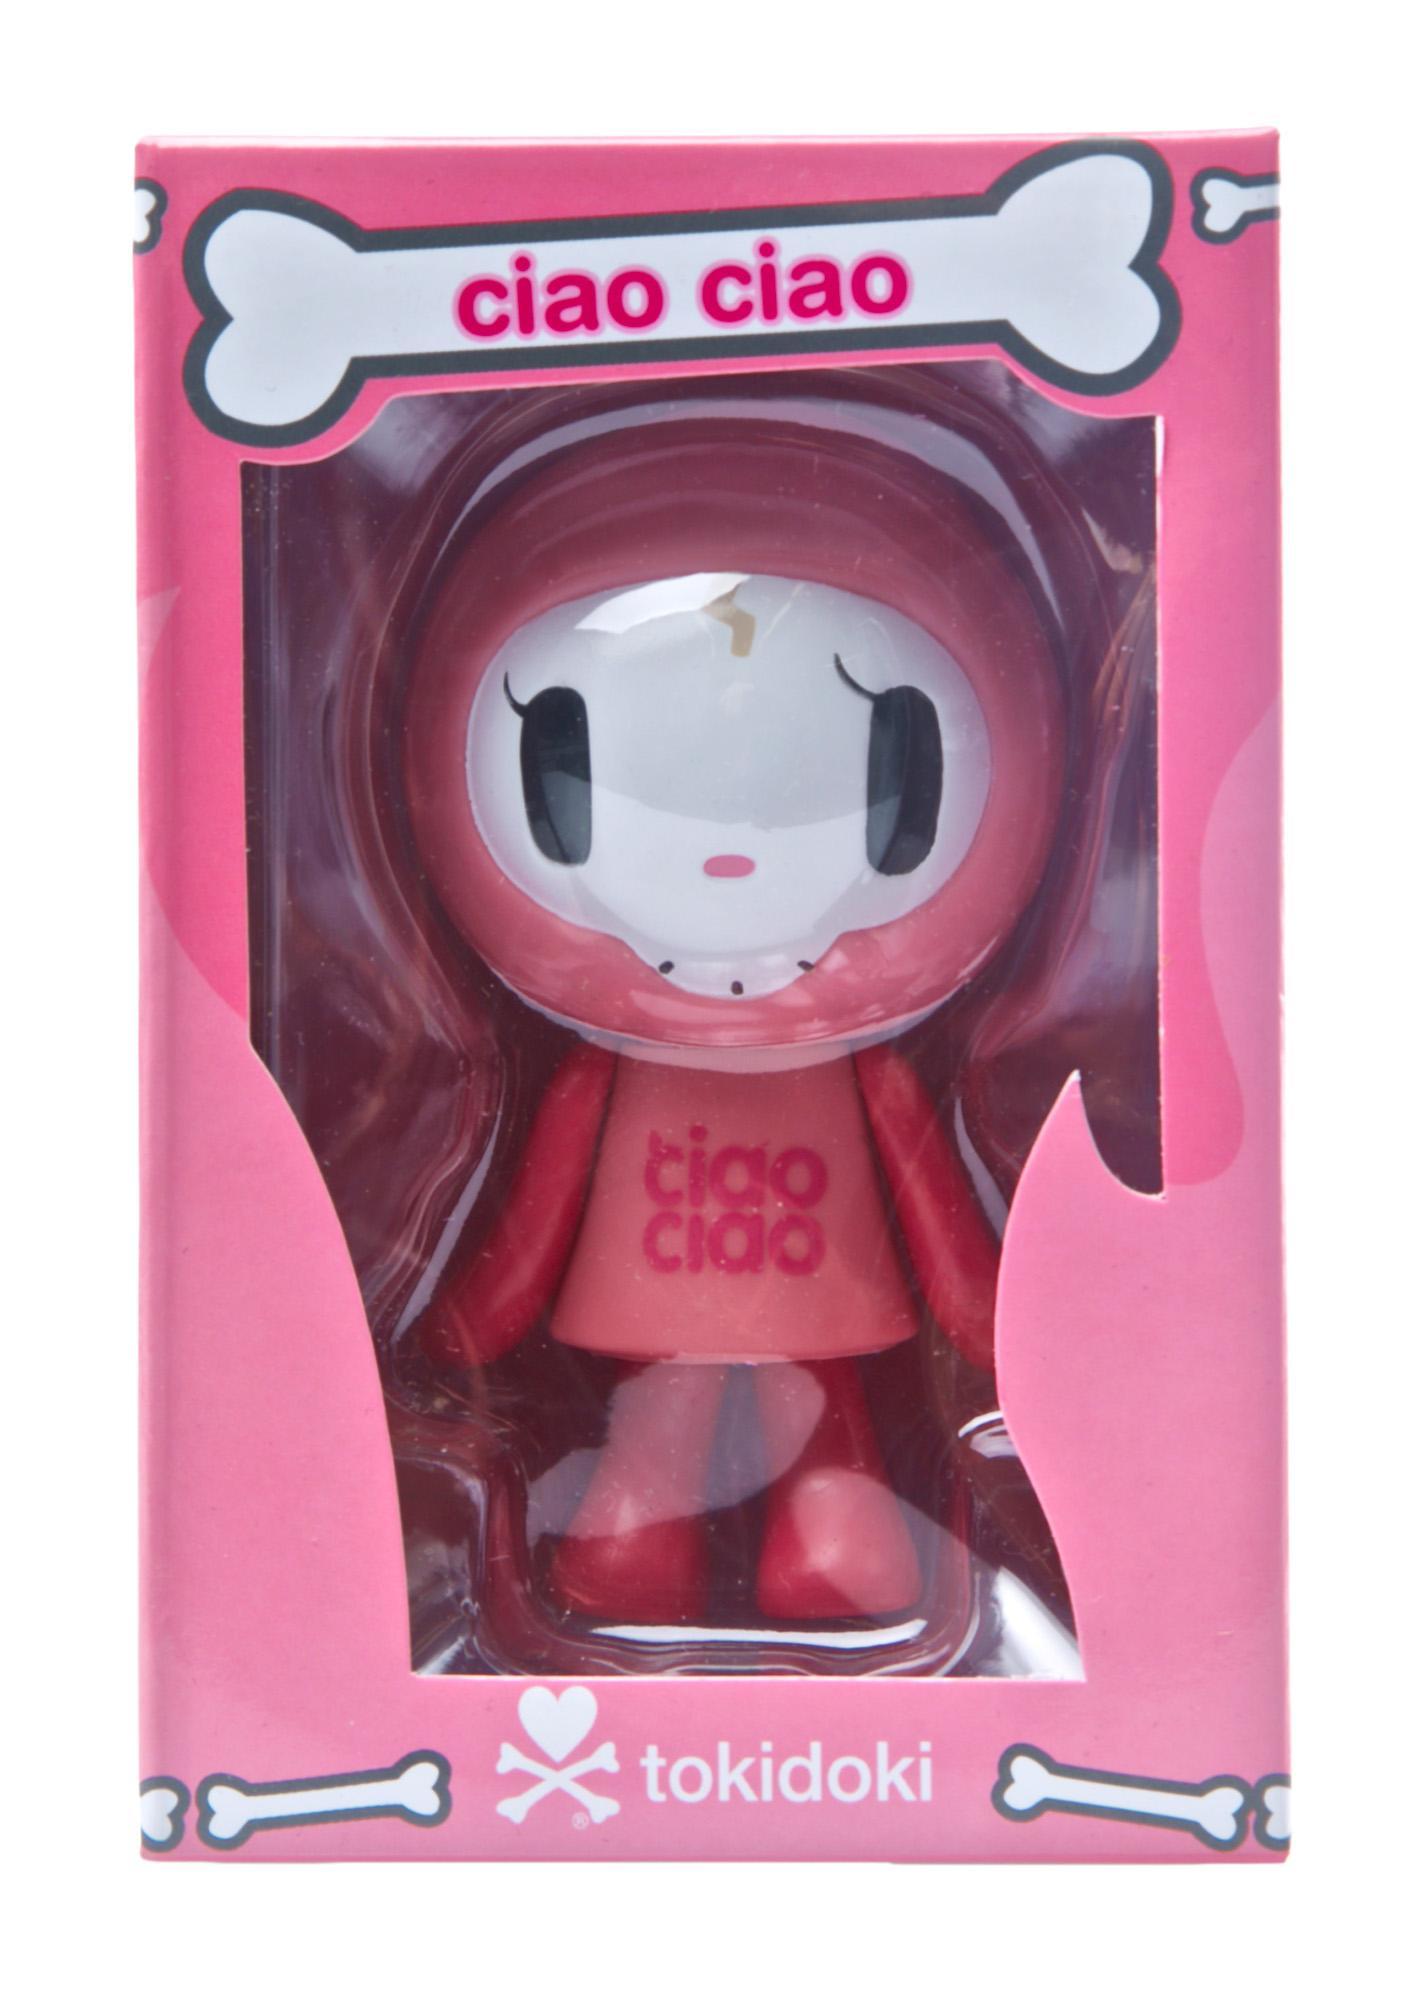 Tokidoki Ciao Ciao Vinyl Toy